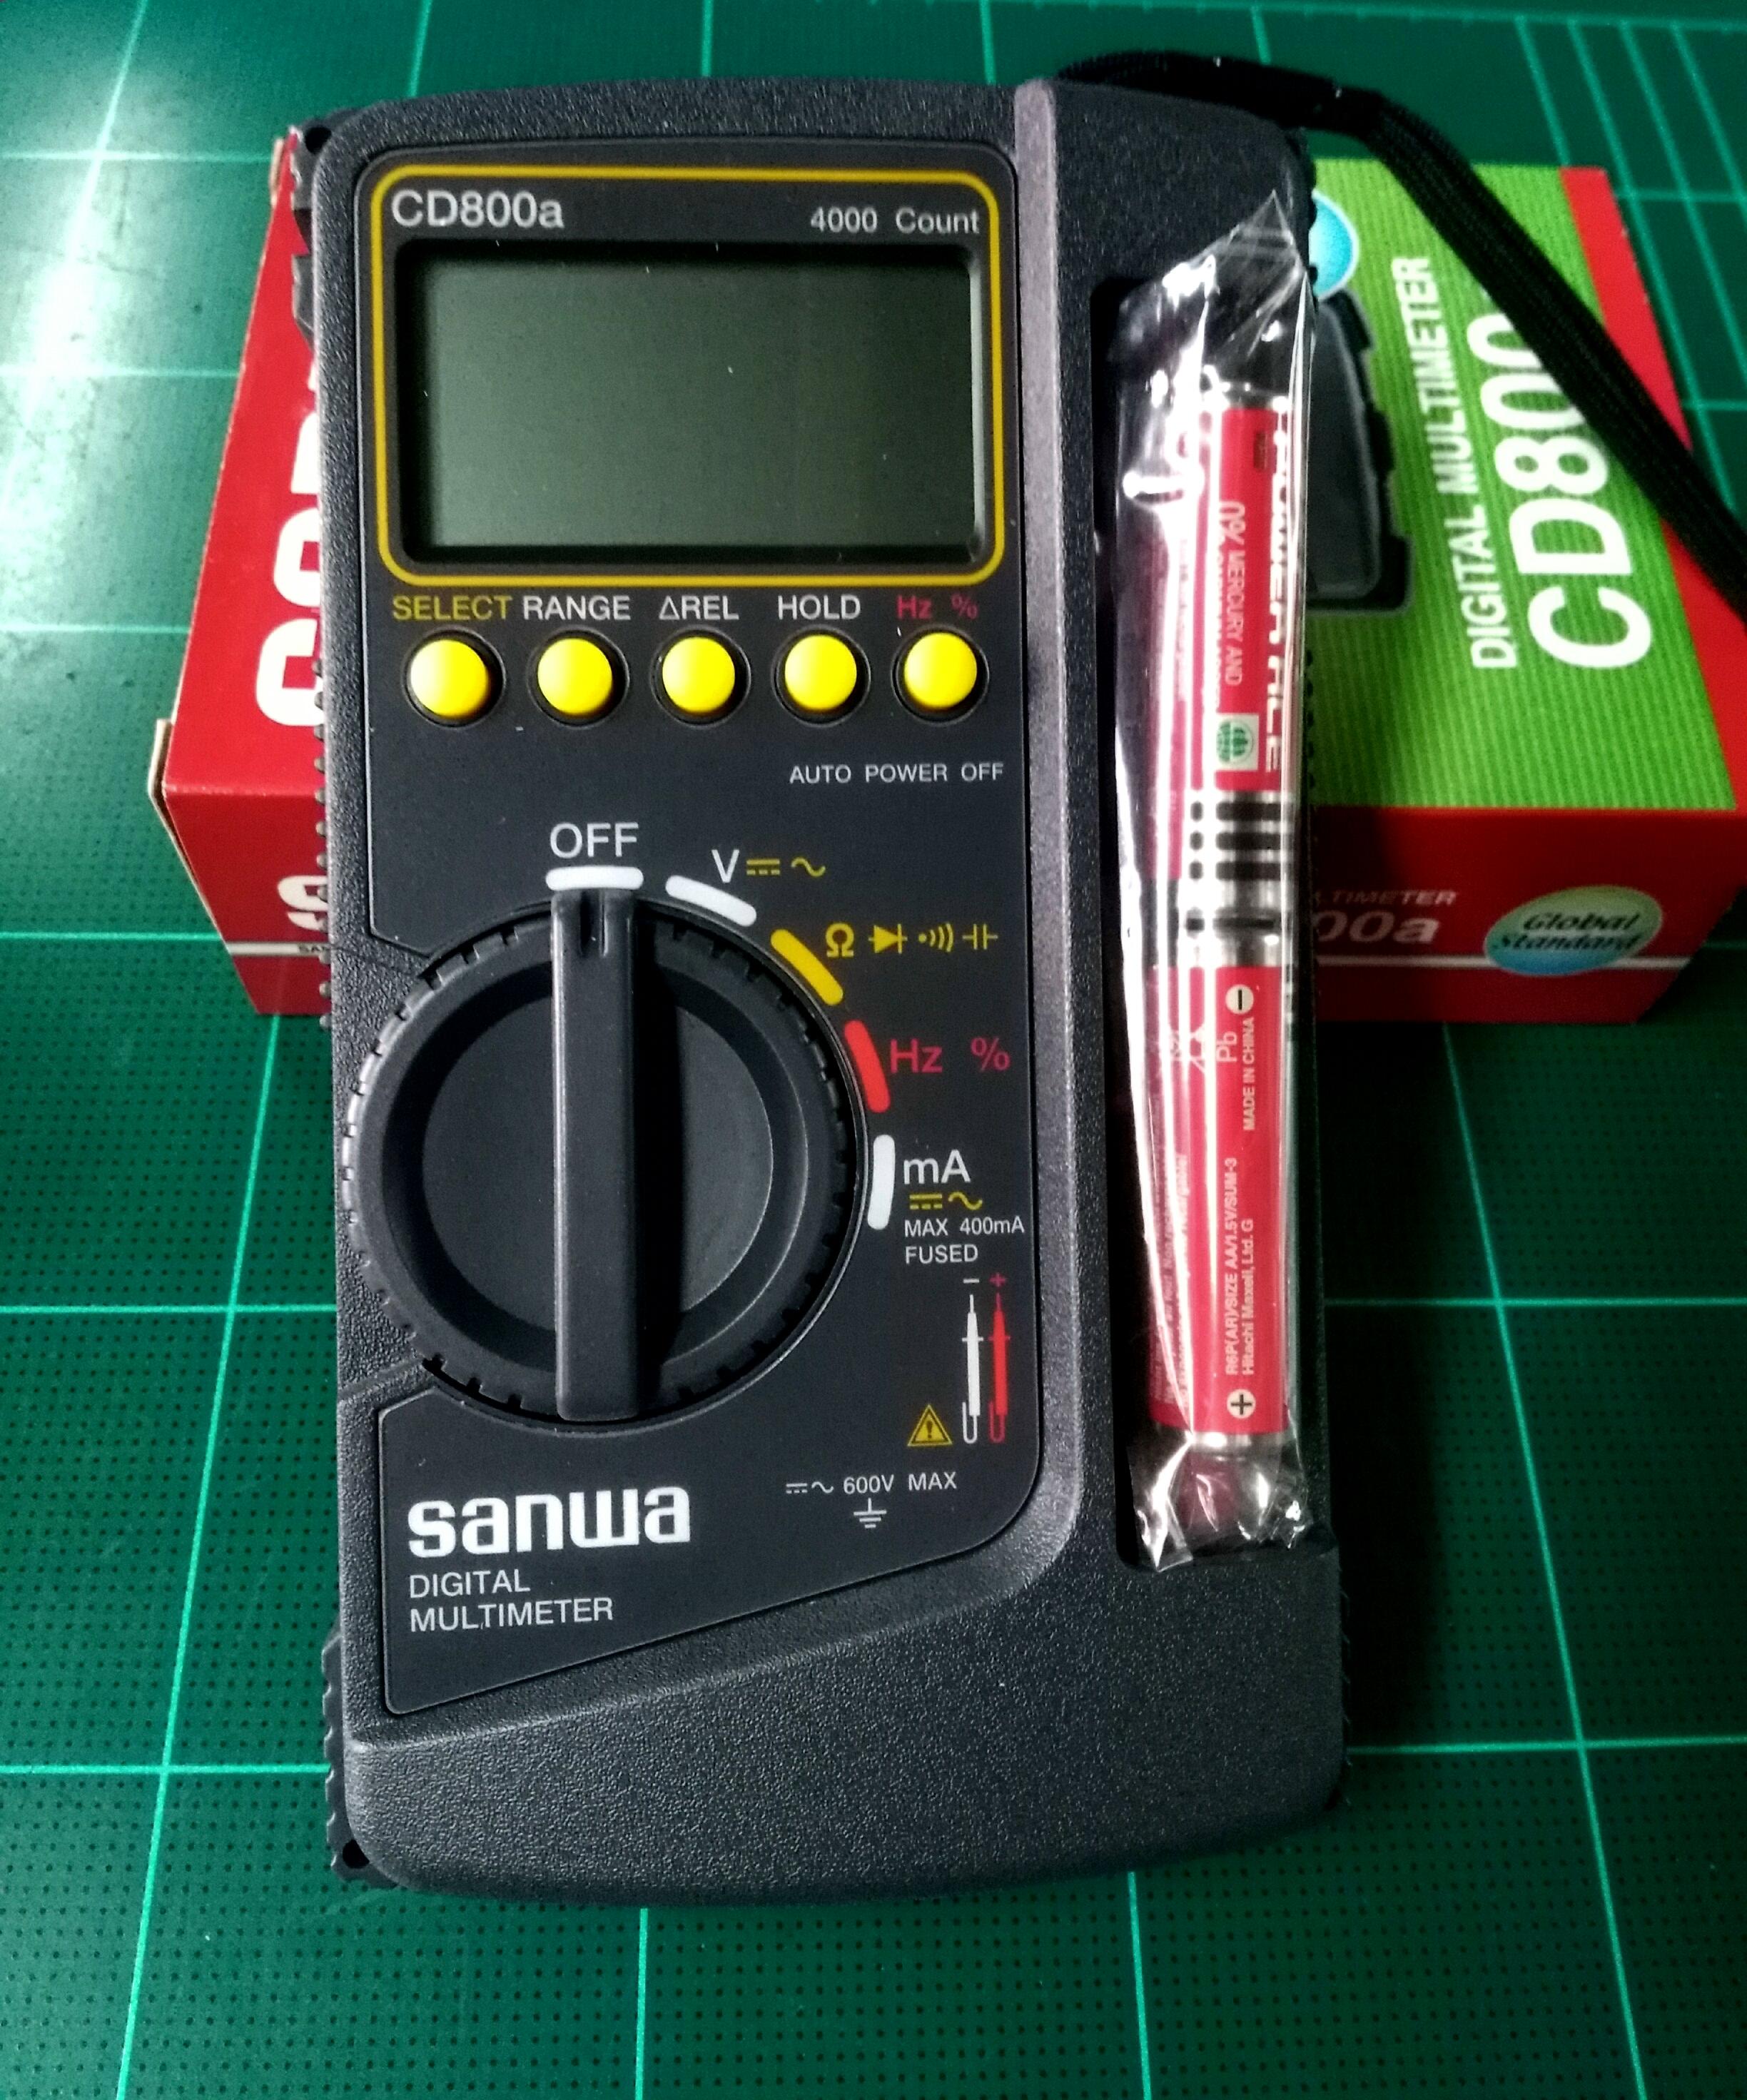 มัลติมิเตอร์ดิจิตอล SANWA รุ่น CD800a